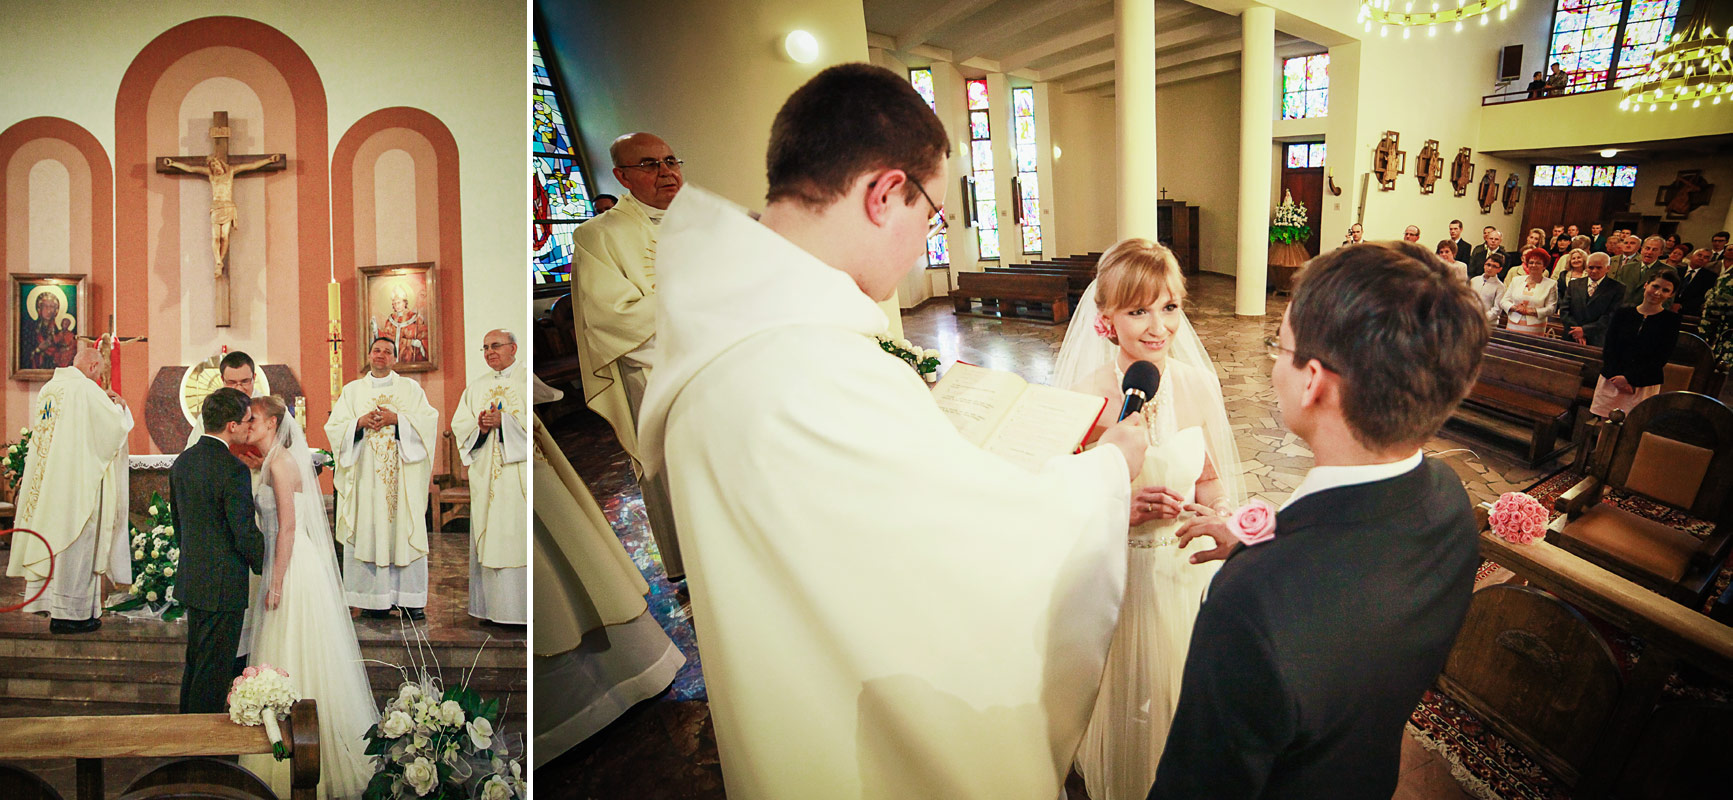 Piękny ślub w Wieruszowie przysięga małżeńska